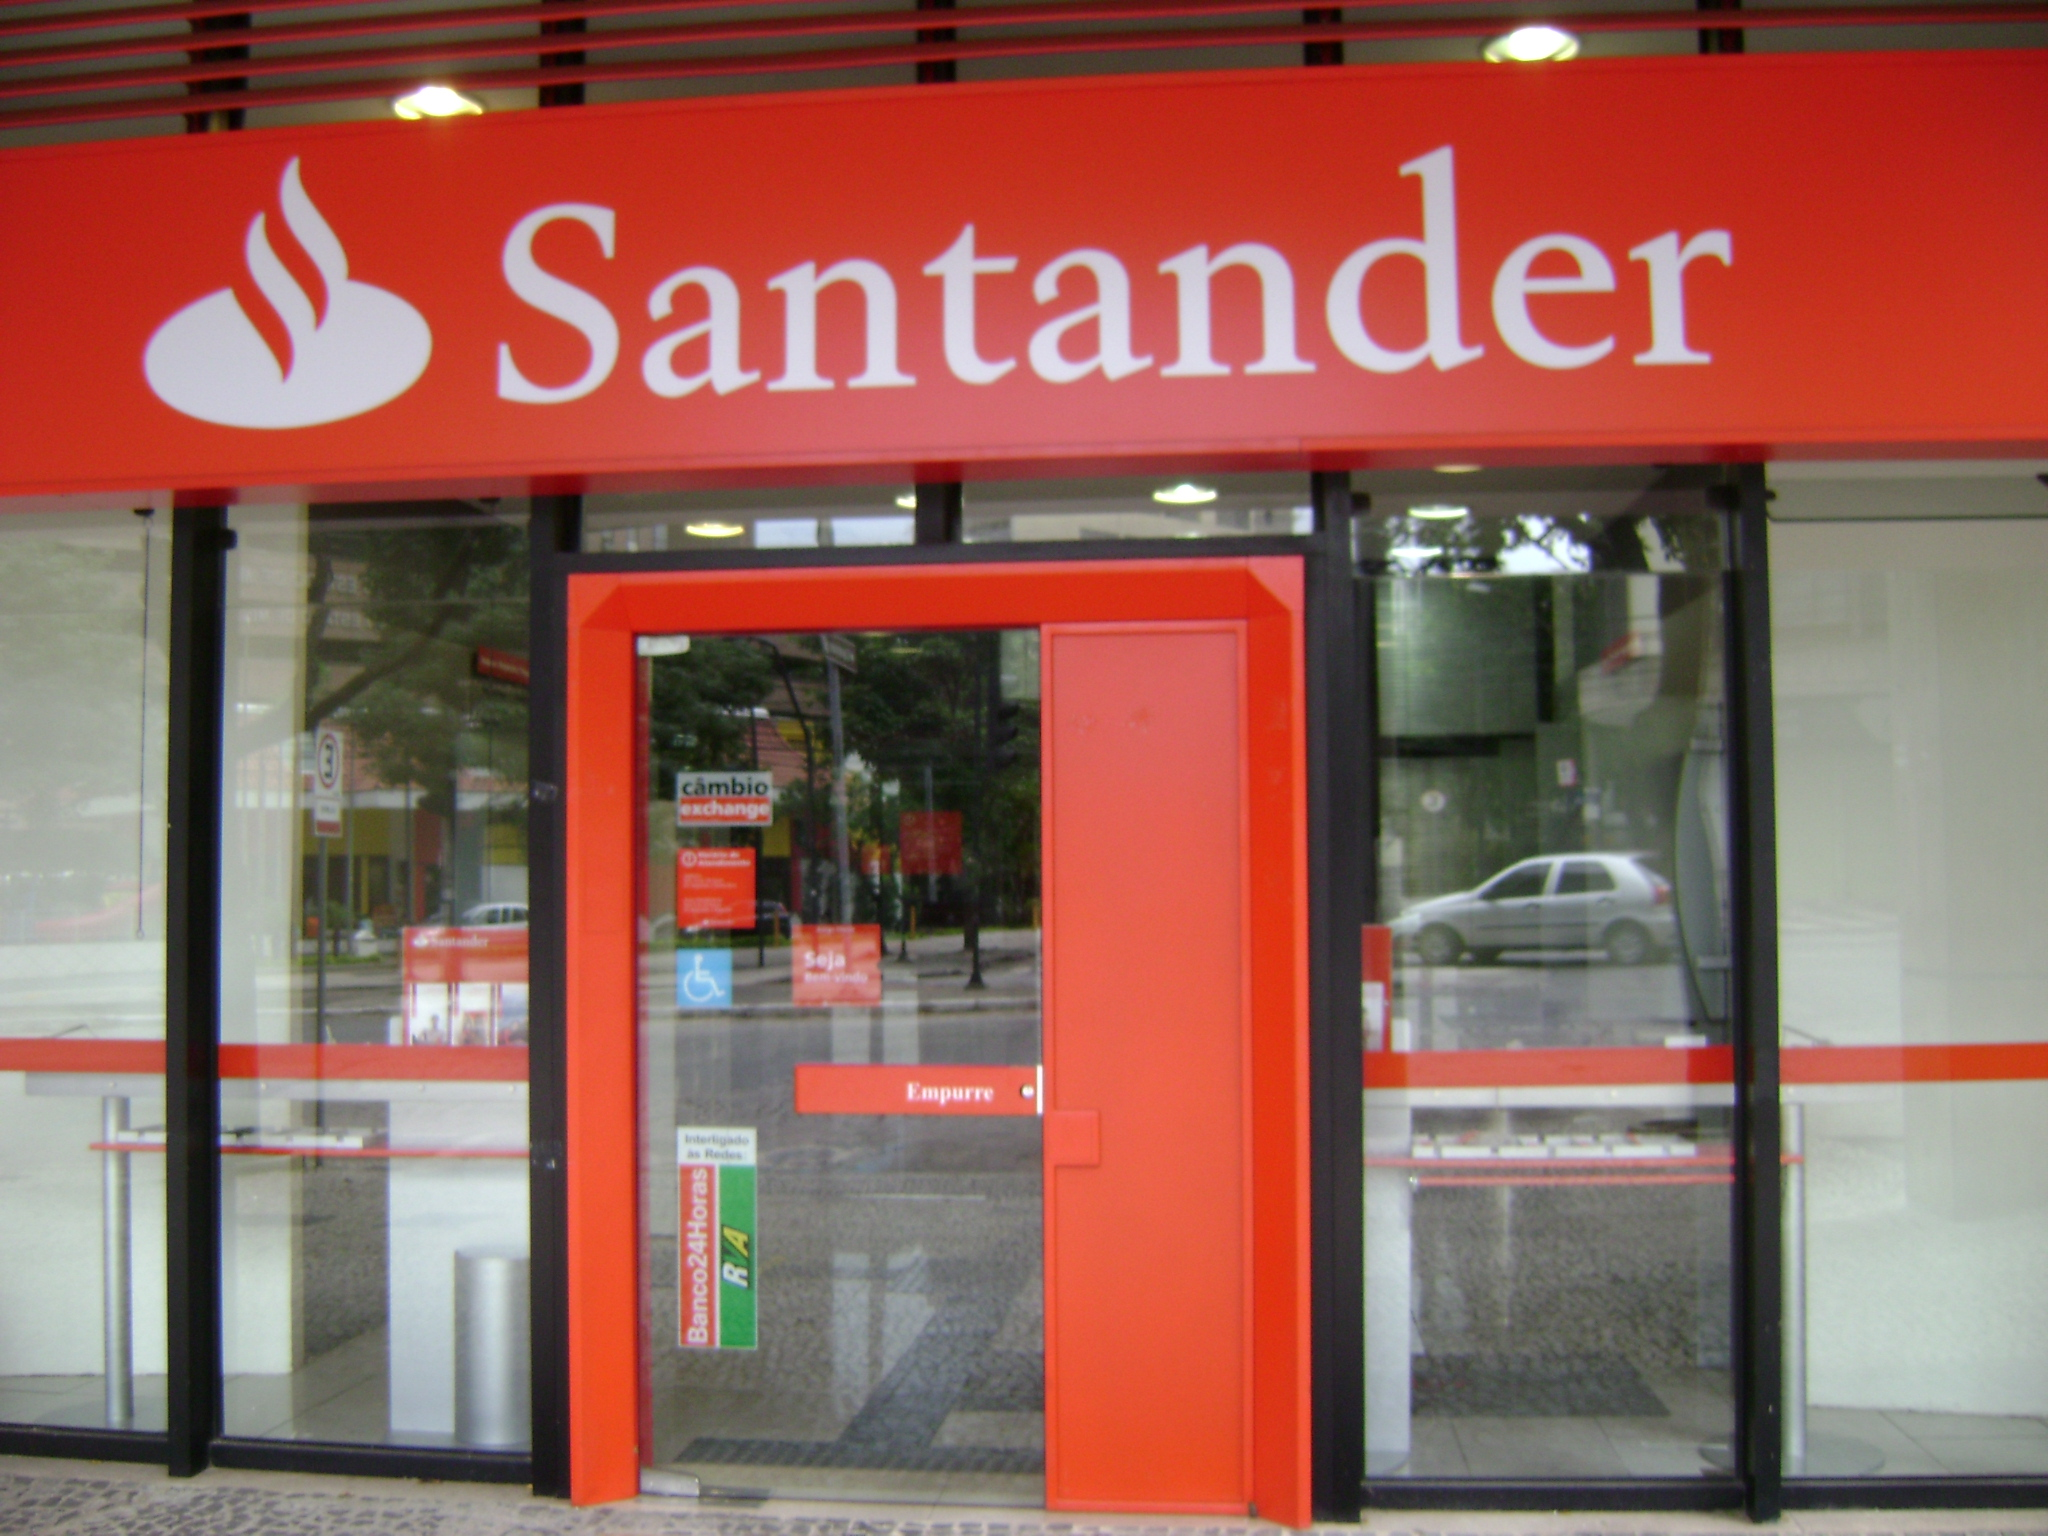 Banco santander phishing scam uncovered for Oficinas banco santander alicante